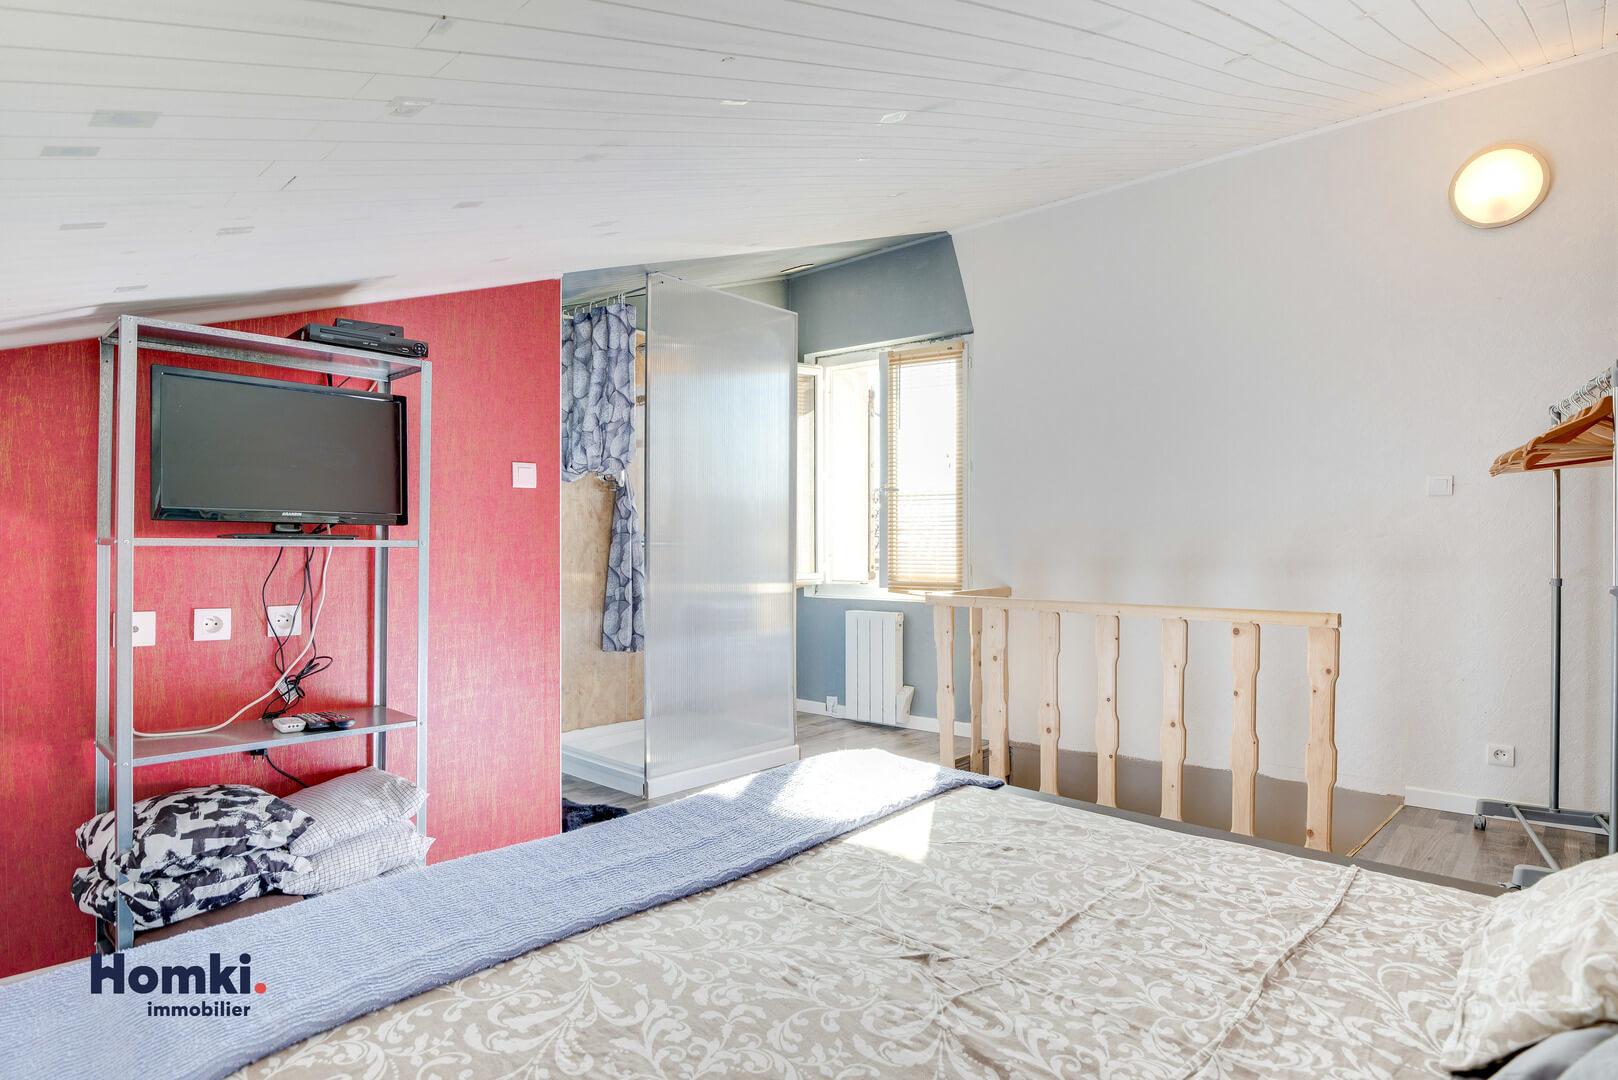 Vente Maison 110 m² T6 04210_5